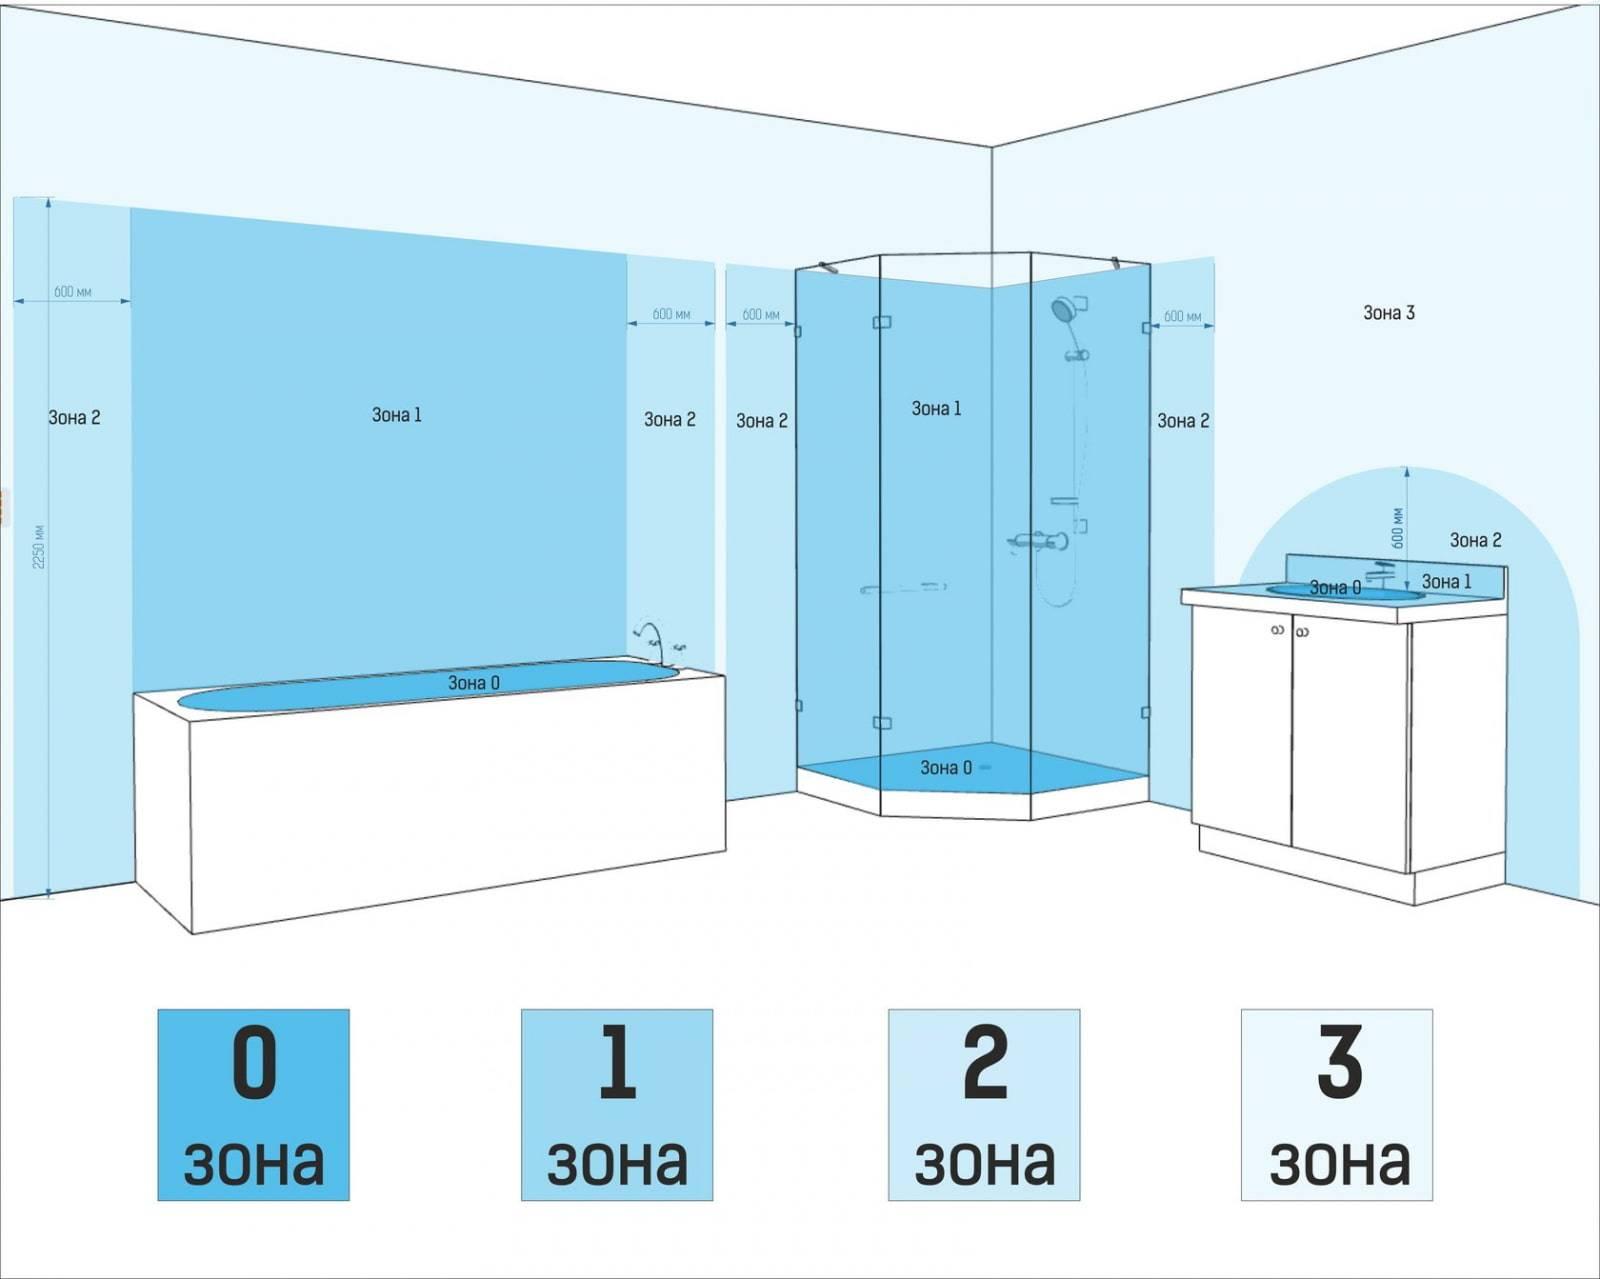 Высота розеток от пола и высота установки выключателей по евростандарту